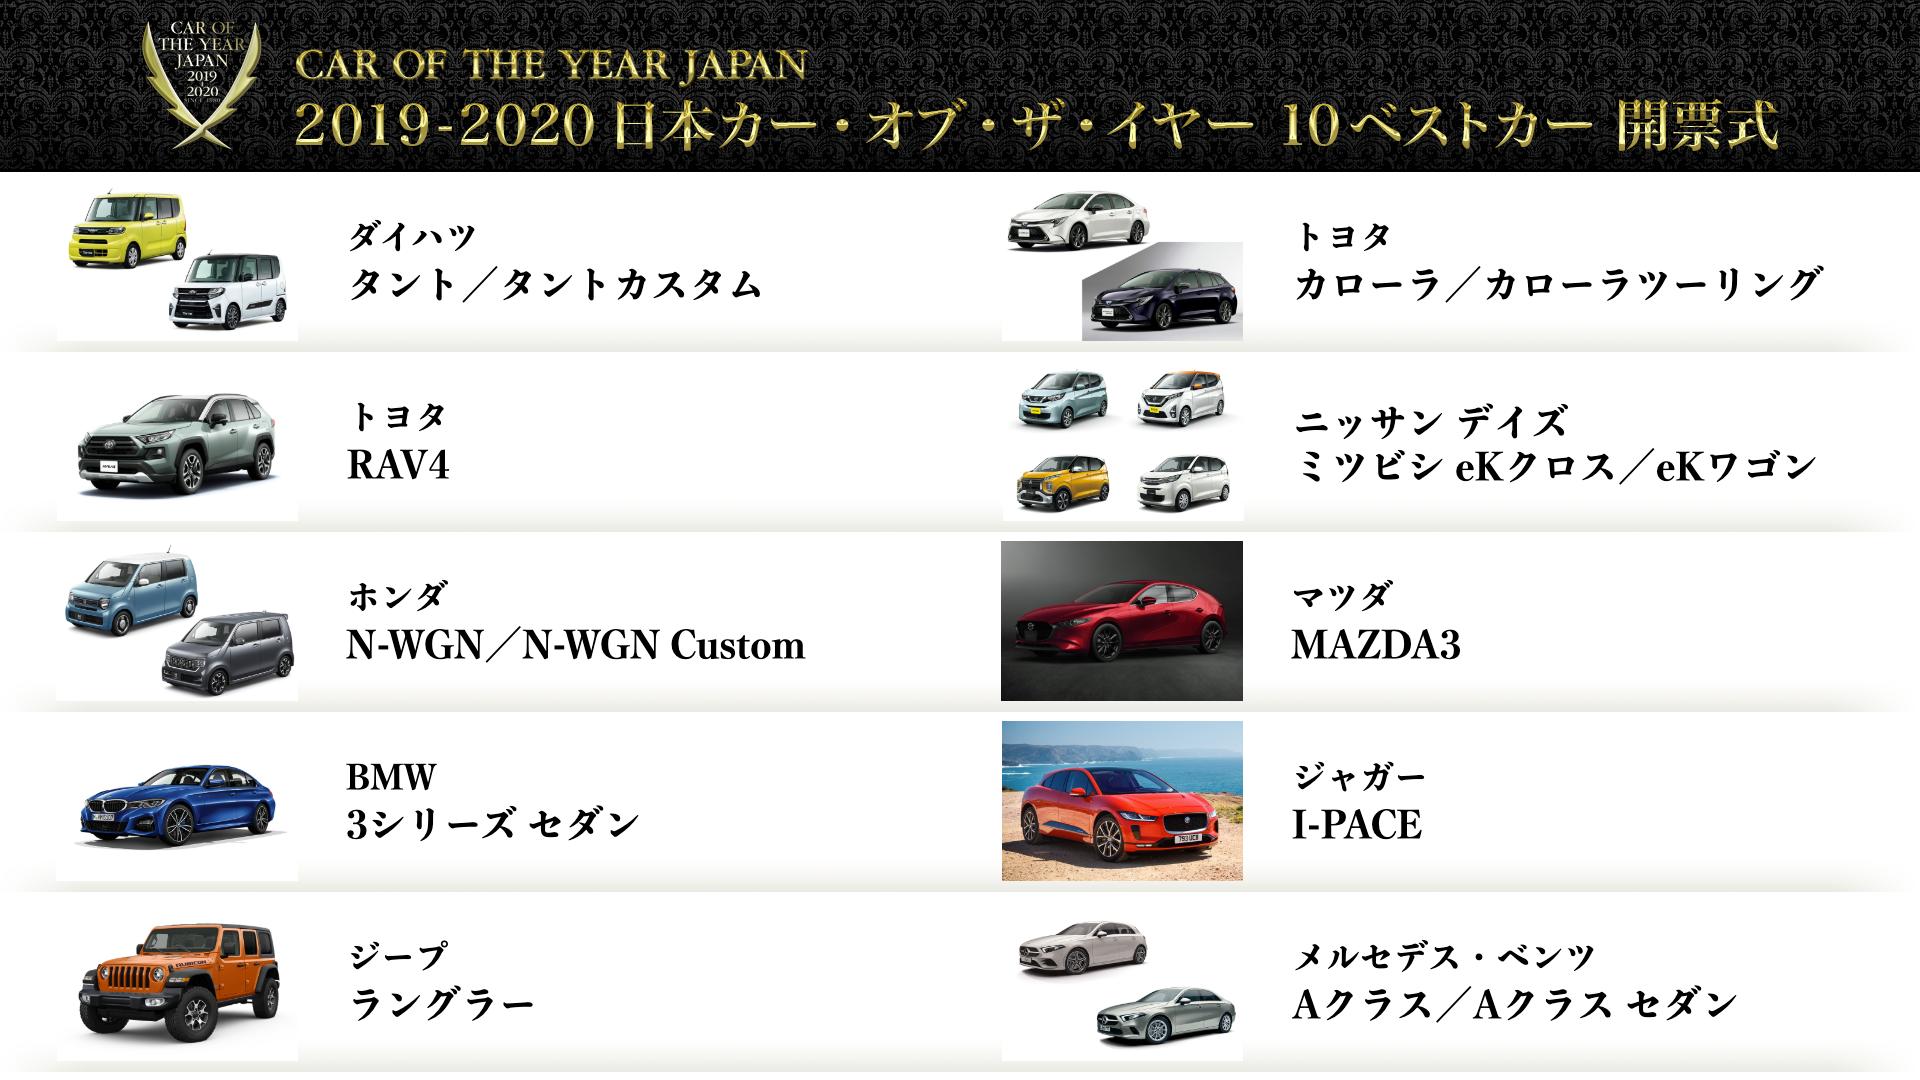 ホンダ新型N-WGN/カスタムが日本カー・オブ・ザ・イヤーの10ベストカーに選出!トップ10に軽自動車が4台も^^